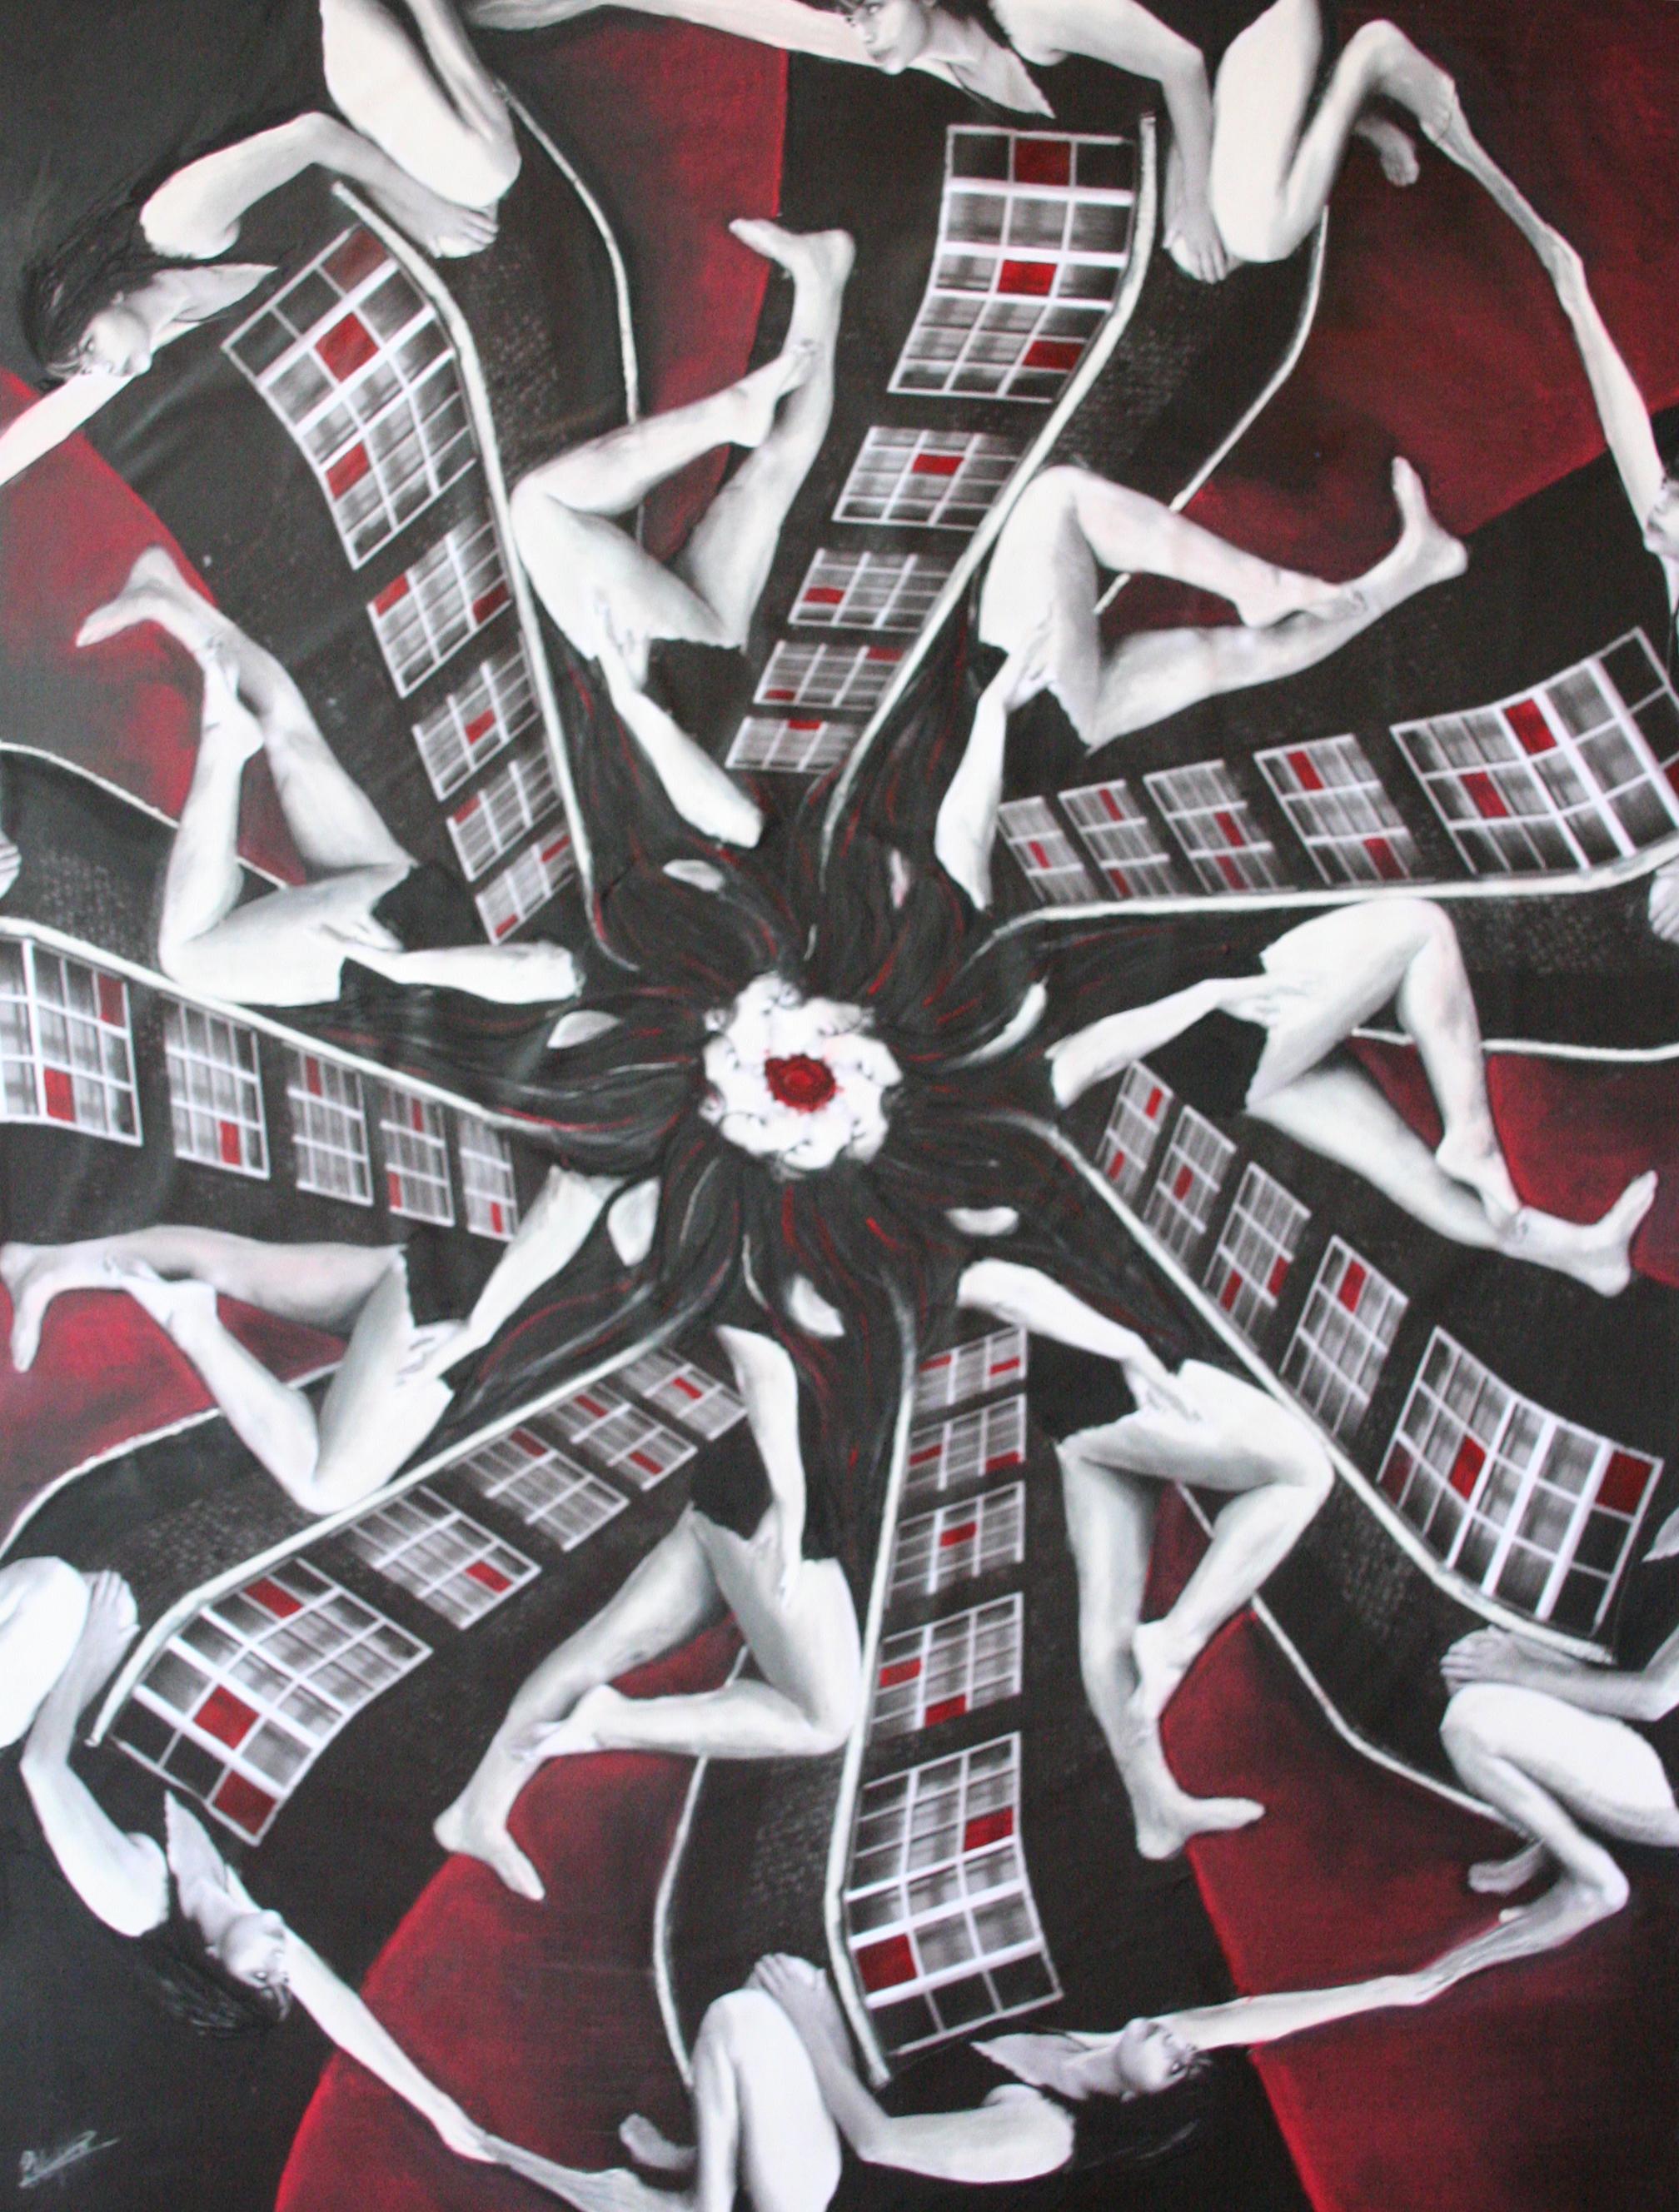 artwork, kunst, kunstwerk, muur,portret, geboortekaart, birth card, indewolkjes, LindaHeijnen, lindaheijnen, in de wolkjes, kaart design, design, geboortekaart, kaart ontwerp, logo ontwerp, vormgeving, roosendaal, tegelen, tilburg, eindhoven, nbks, kunst, kunstwerk, schilderij, tongerlo, tongerlohuis, venlo, limburg, brabbant, galerie van vessum, wouw, kunstacademie tilburg, art school, kunstacademie, fontys tilburg, redband, redband roosendaal, architectuur